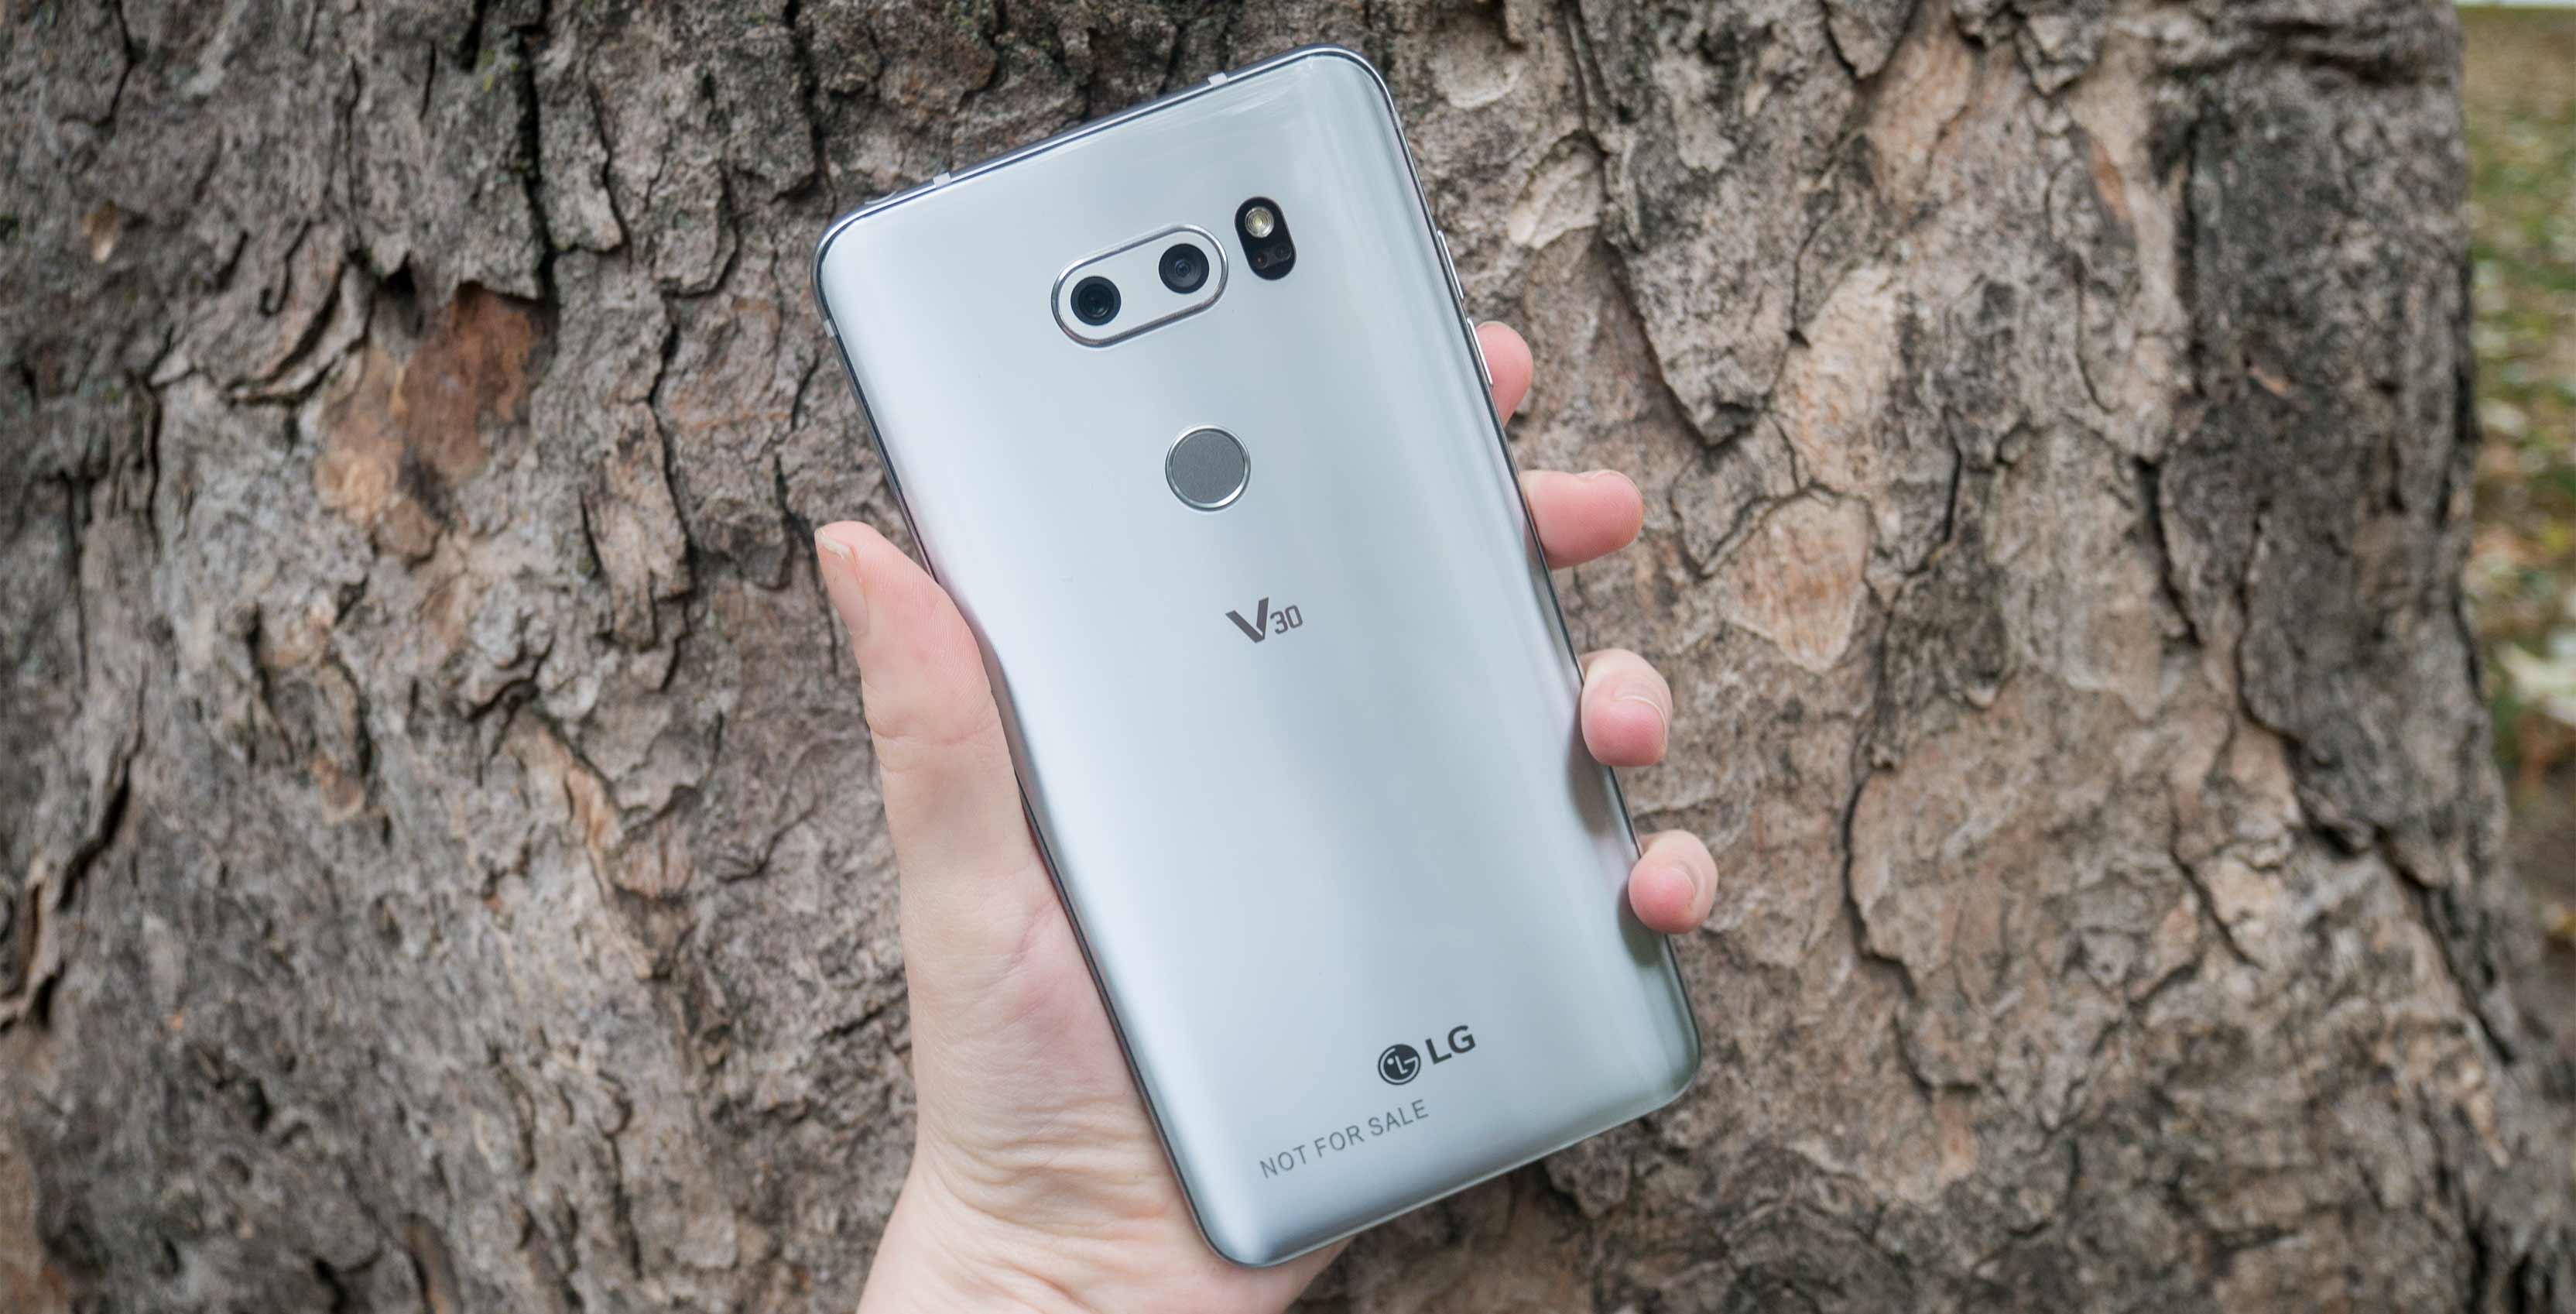 LG V30 rear facing cameras